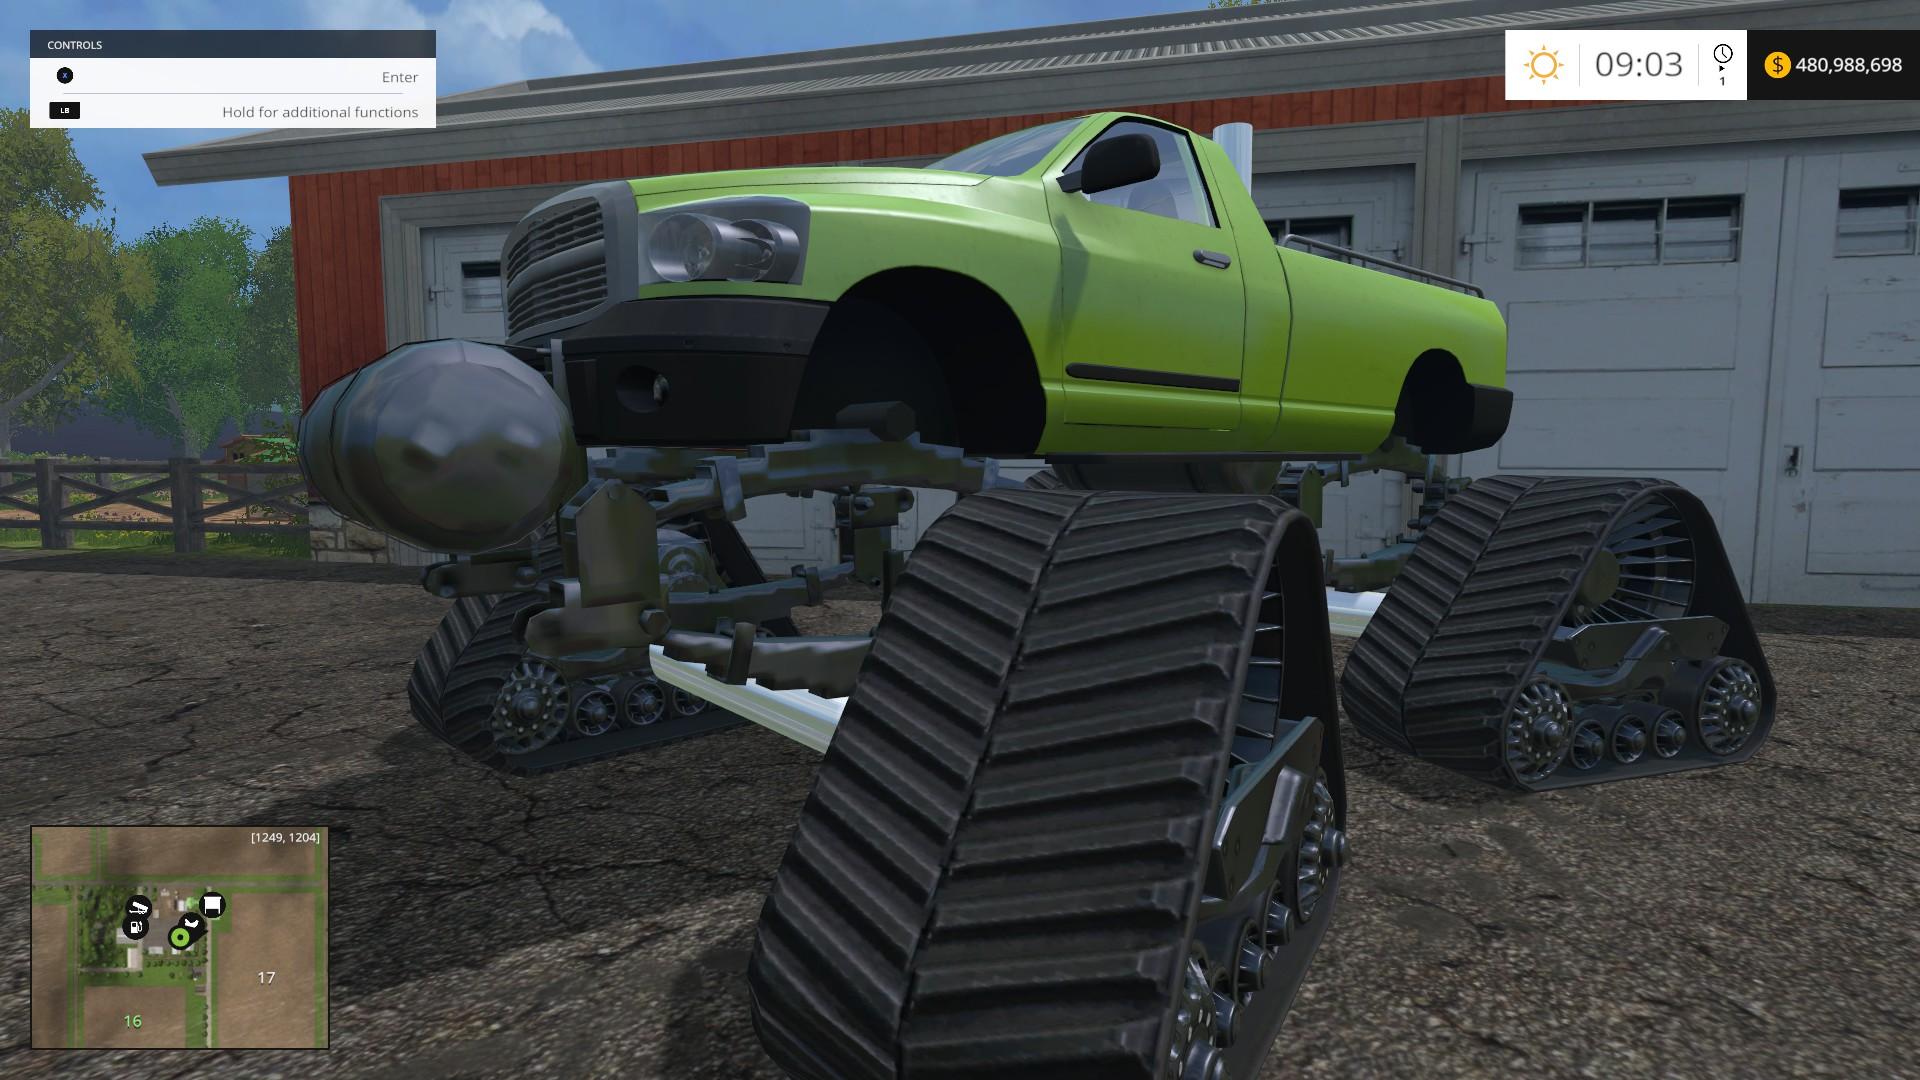 Monster Truck V 1 2 For Fs 2015 Farming Simulator 19 17 15 Mod